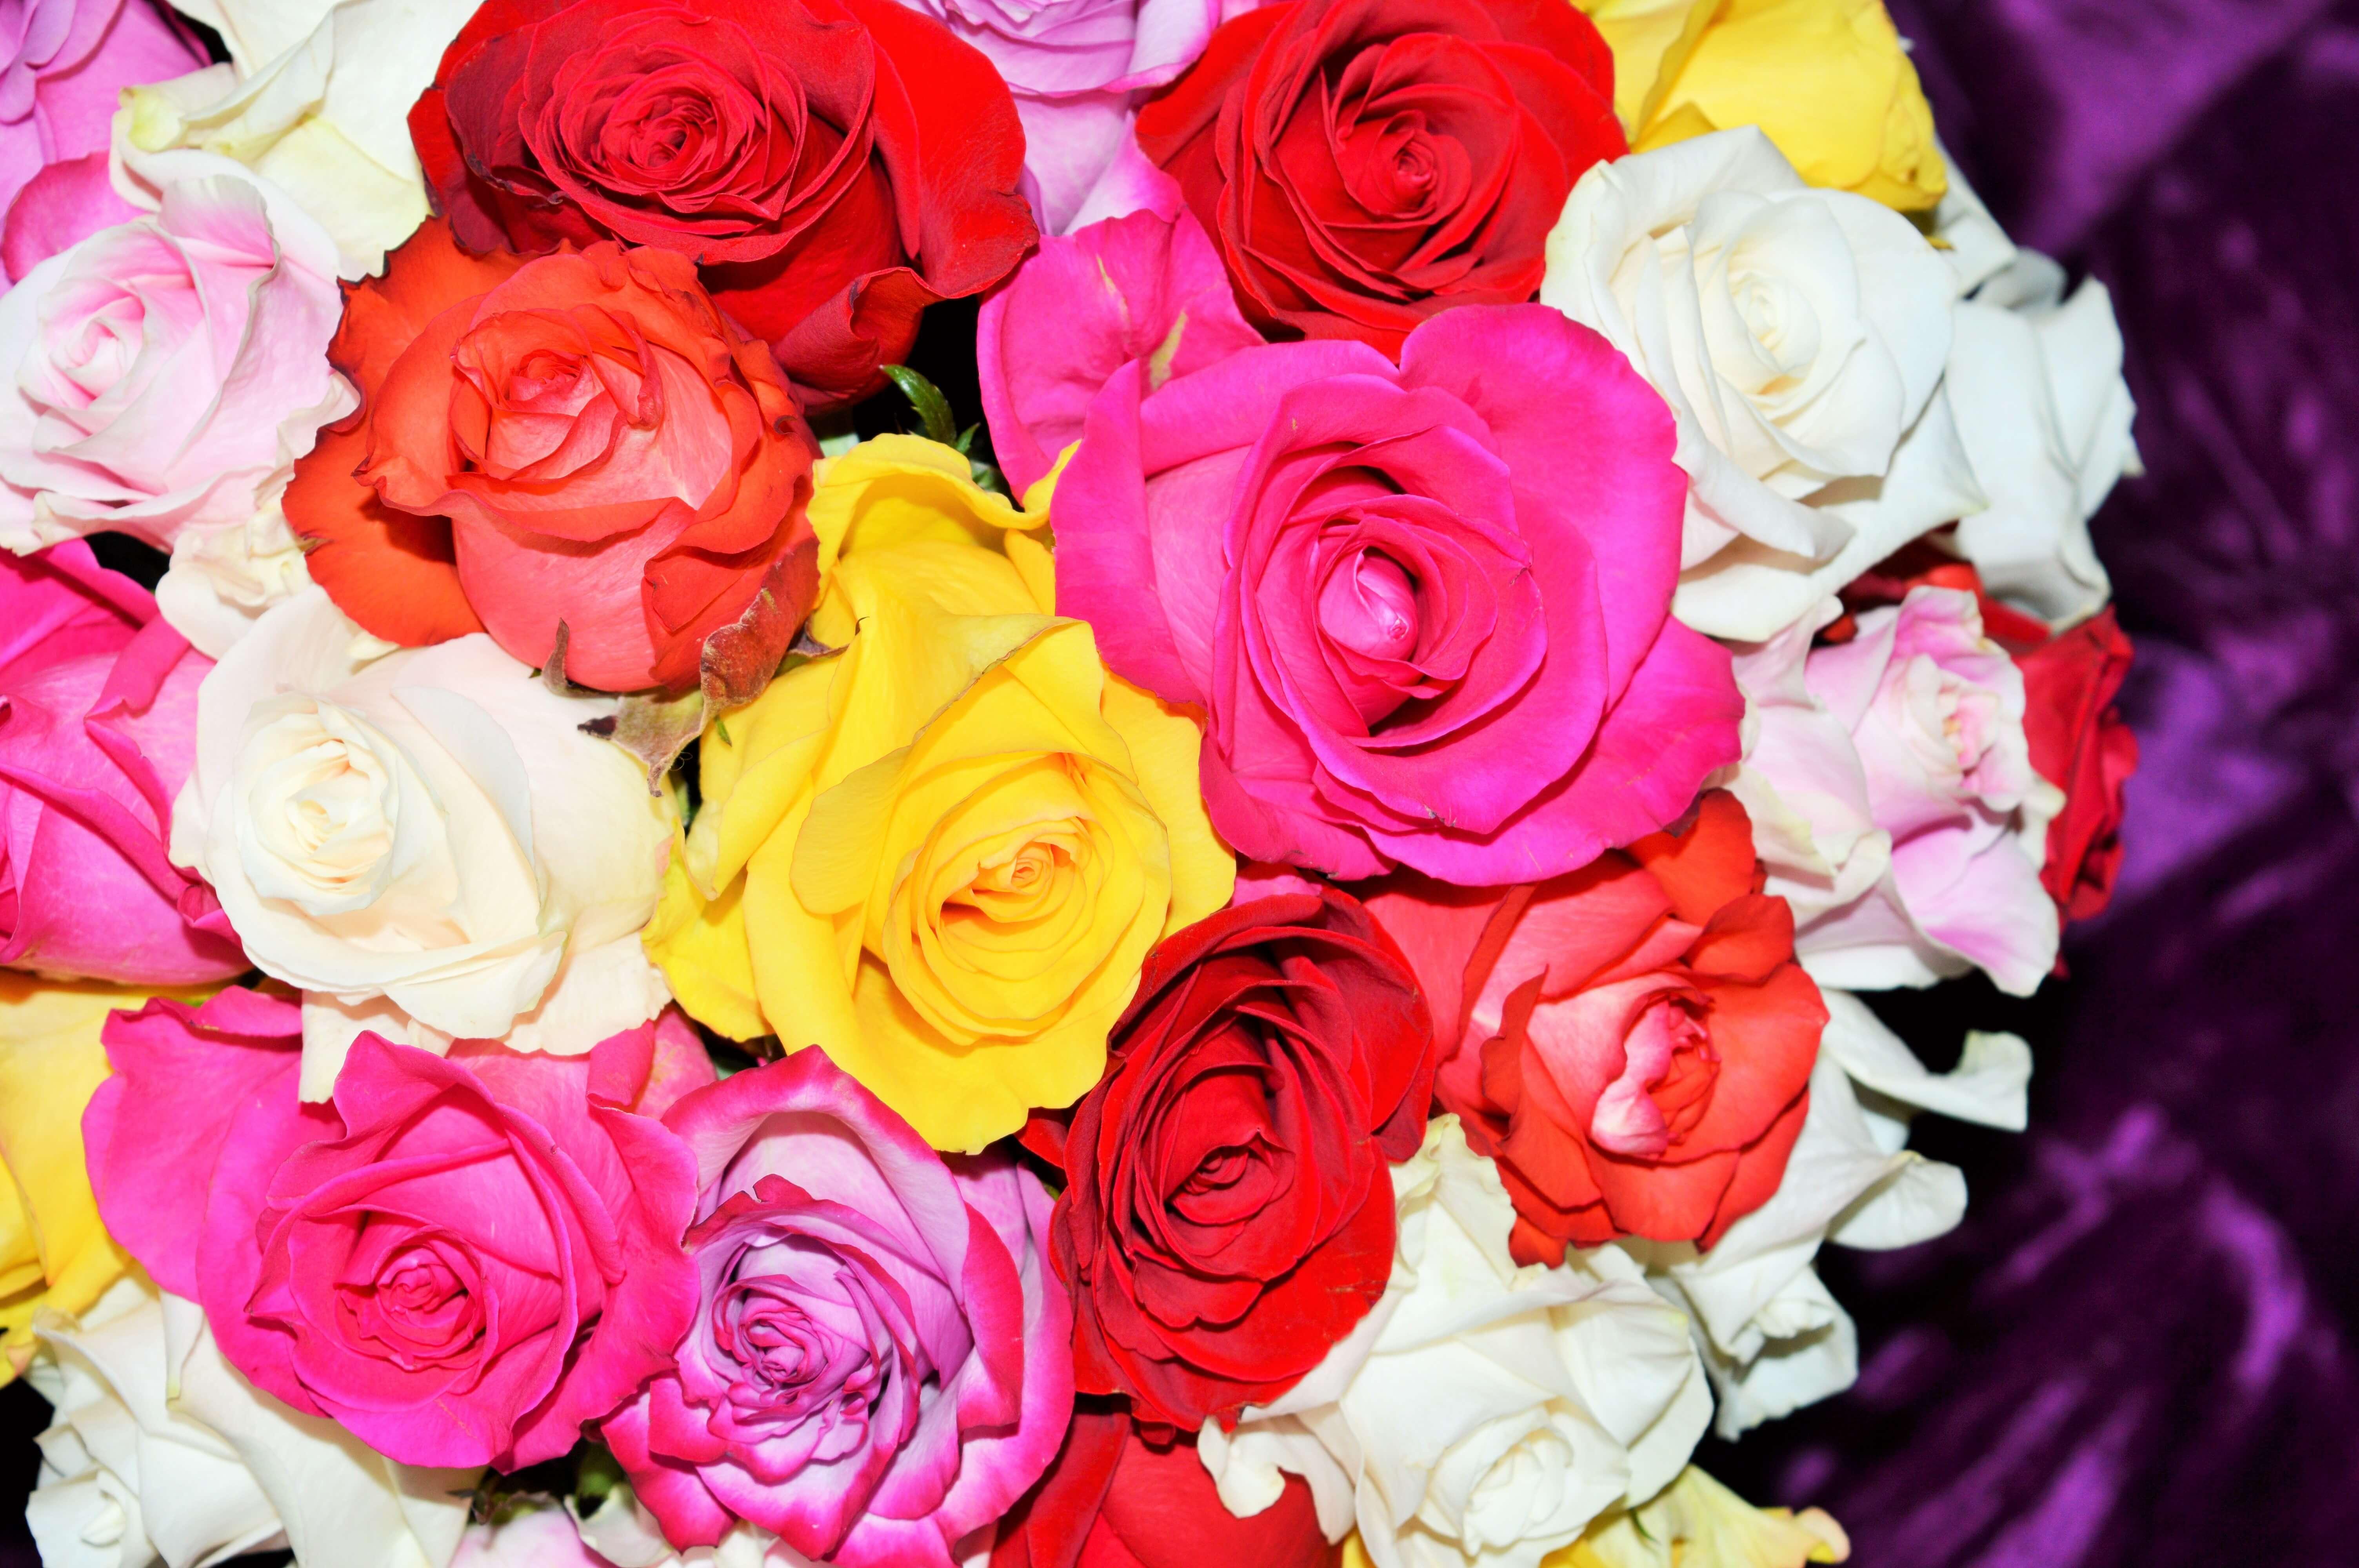 F tes sp ciales fleuriste la rose d 39 art for Fleuriste rose